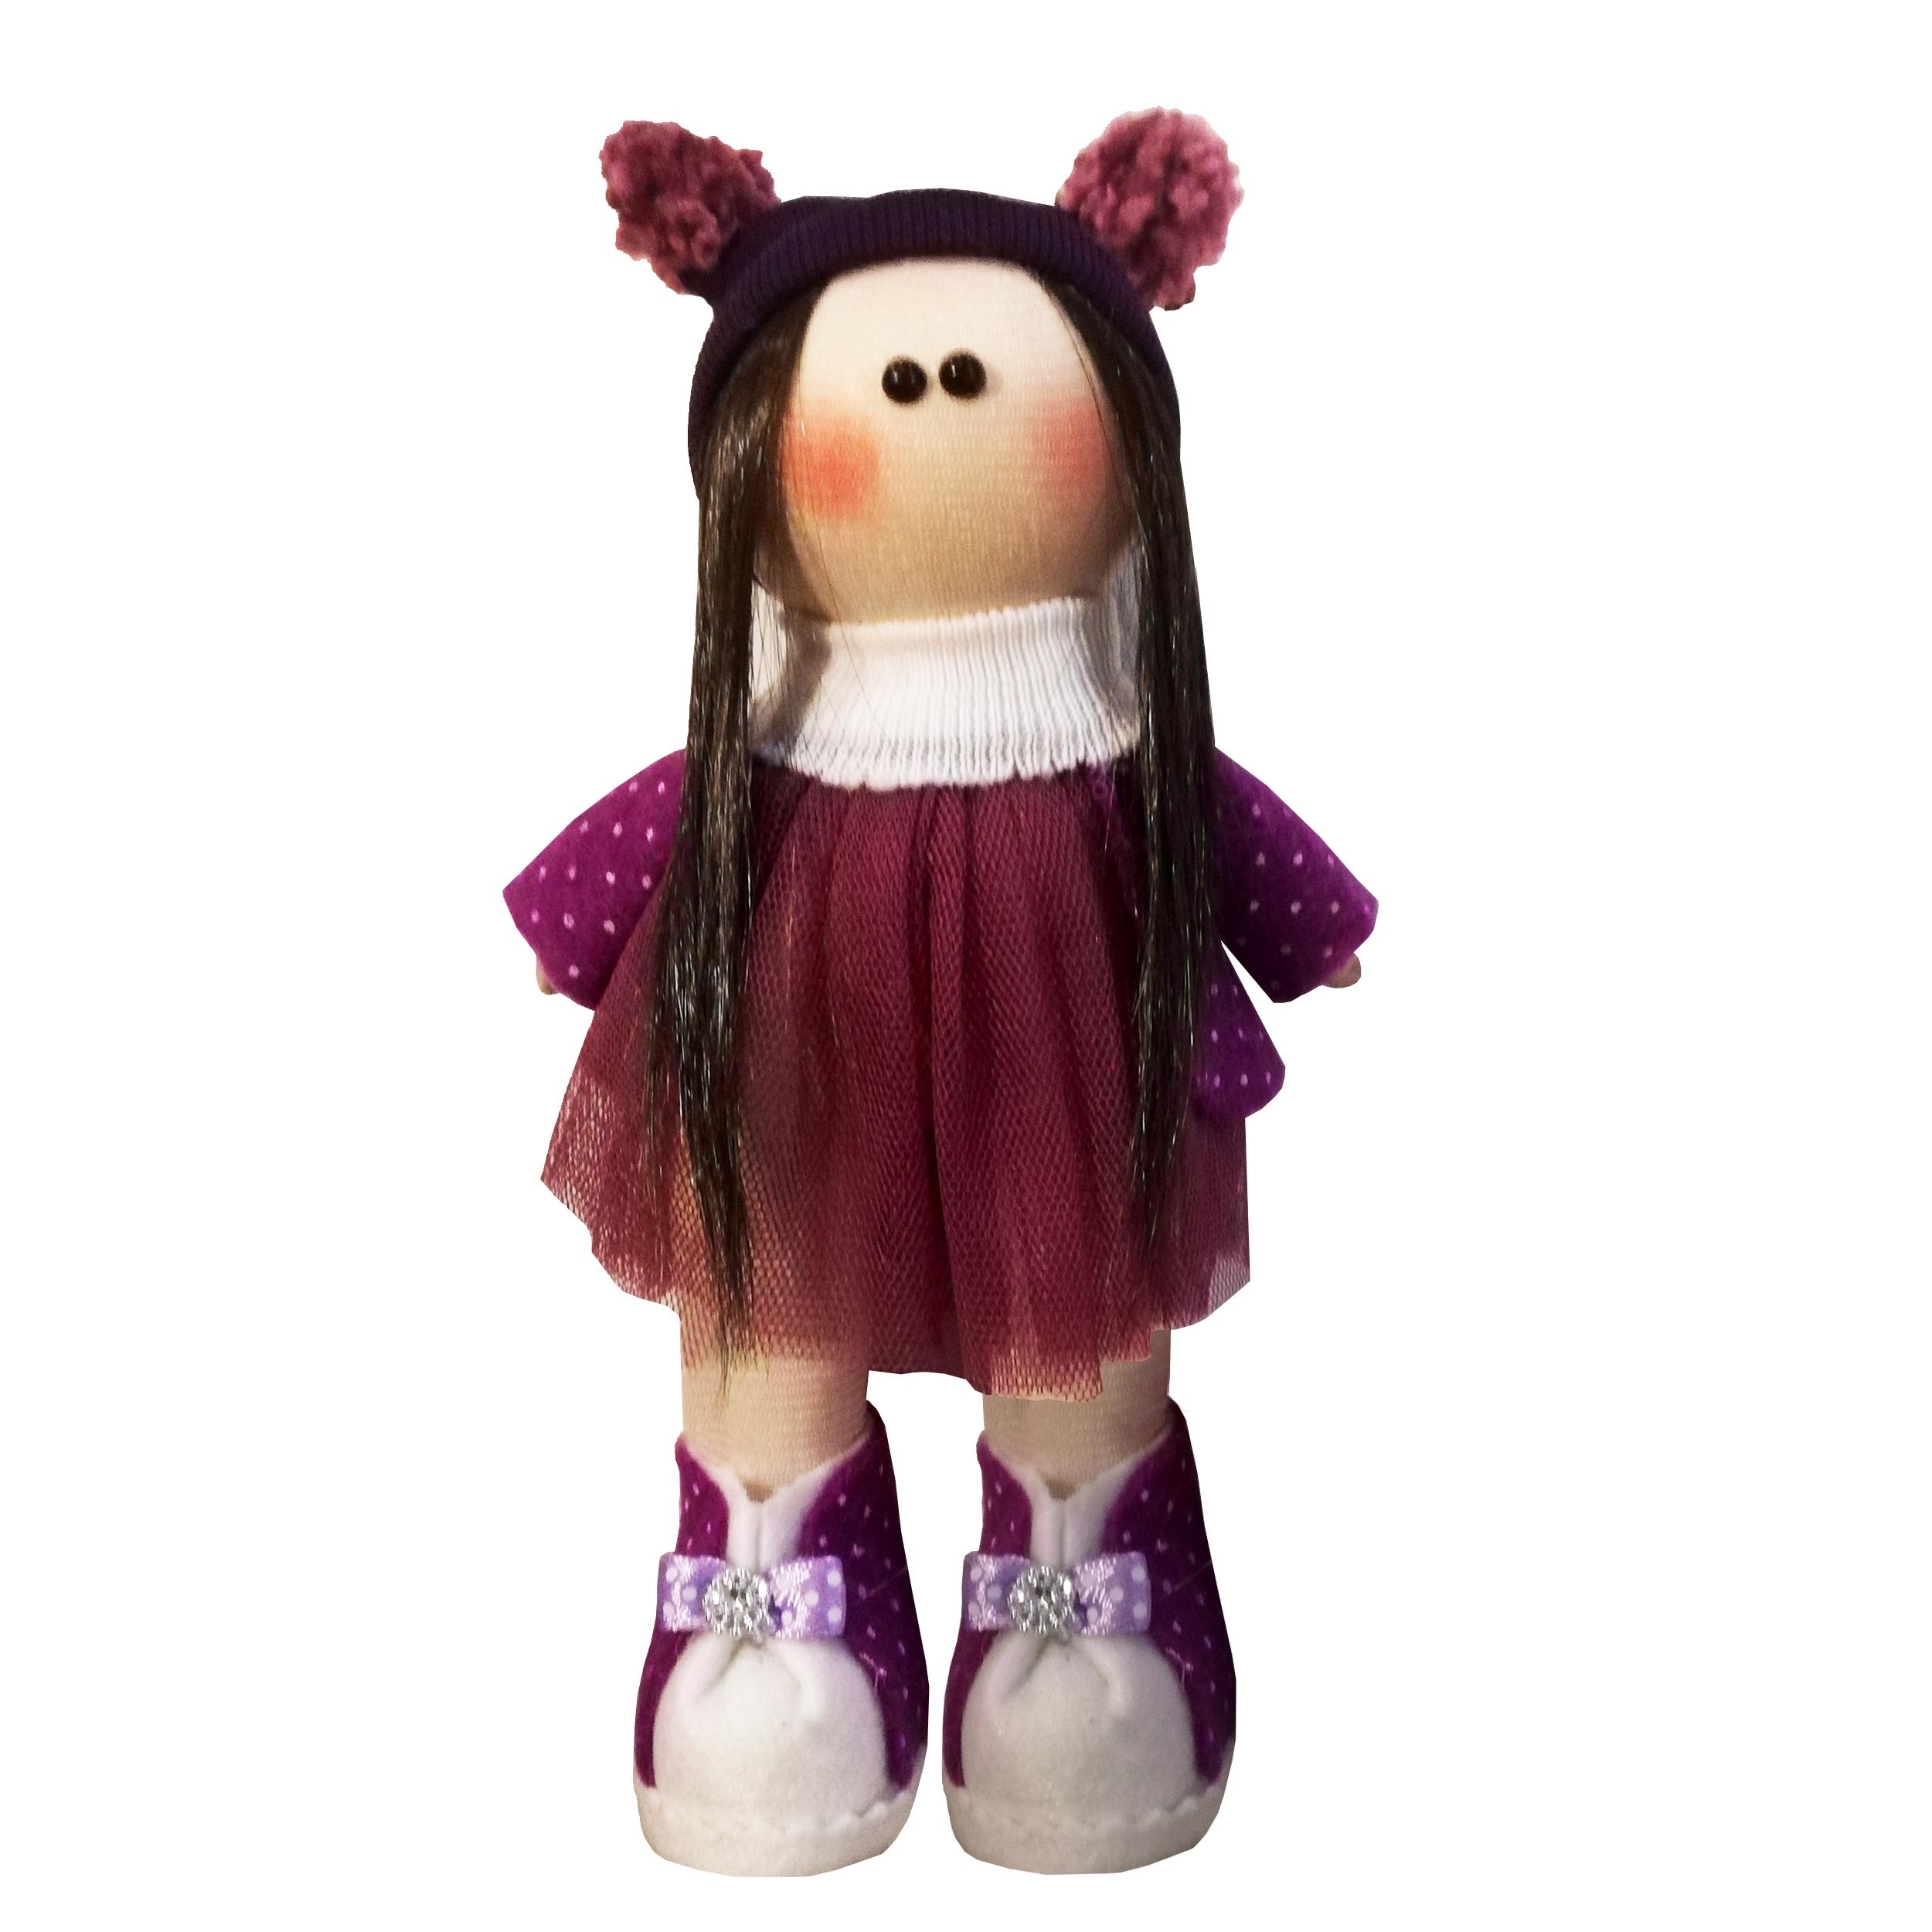 عروسک طرح دختر روسی کد MRK4 ارتفاع 25 سانتی متر